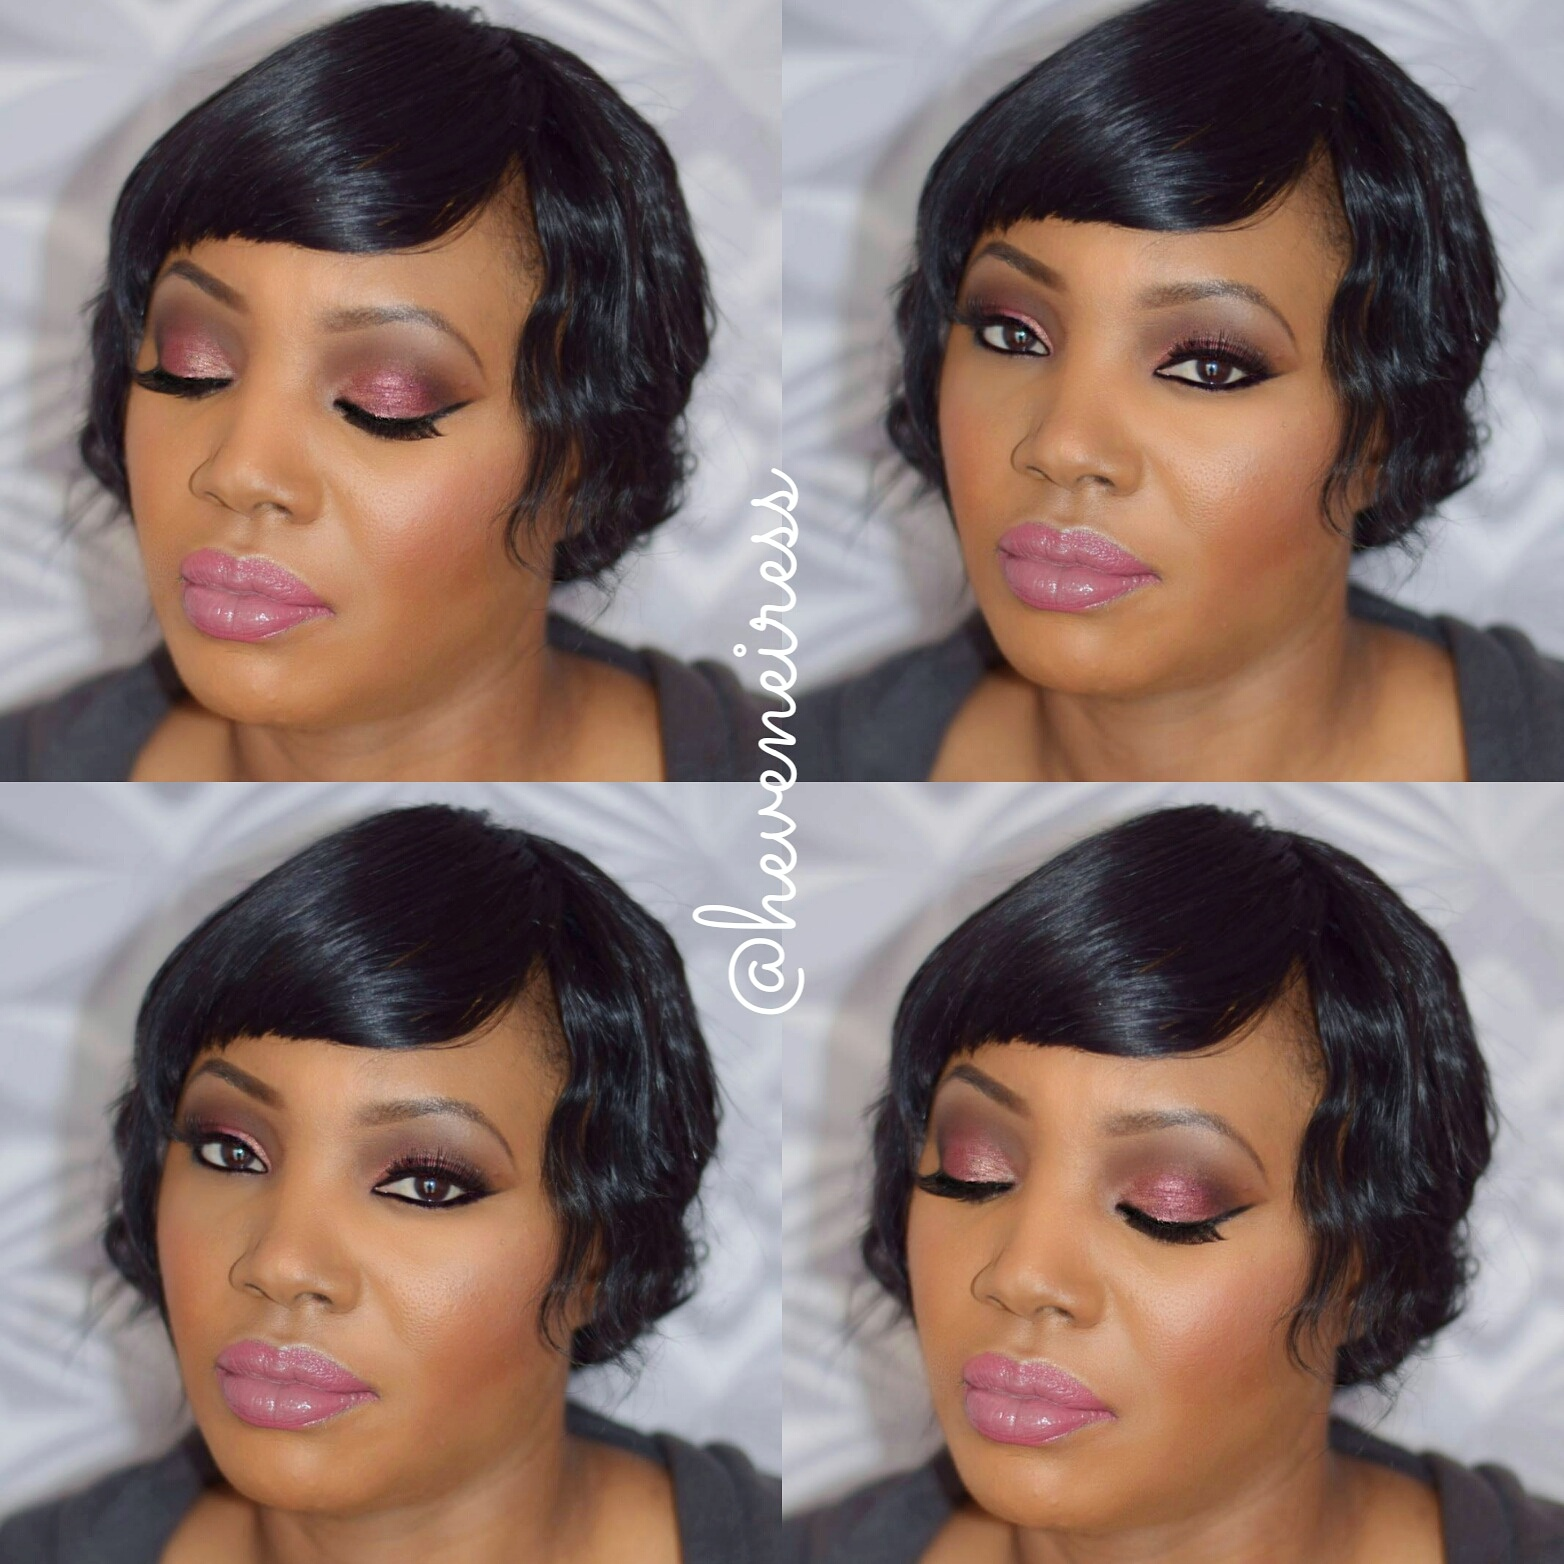 Bridal Makeup For Black Hair : bridal makeup for dark skin H?VENEIRESS LONDON